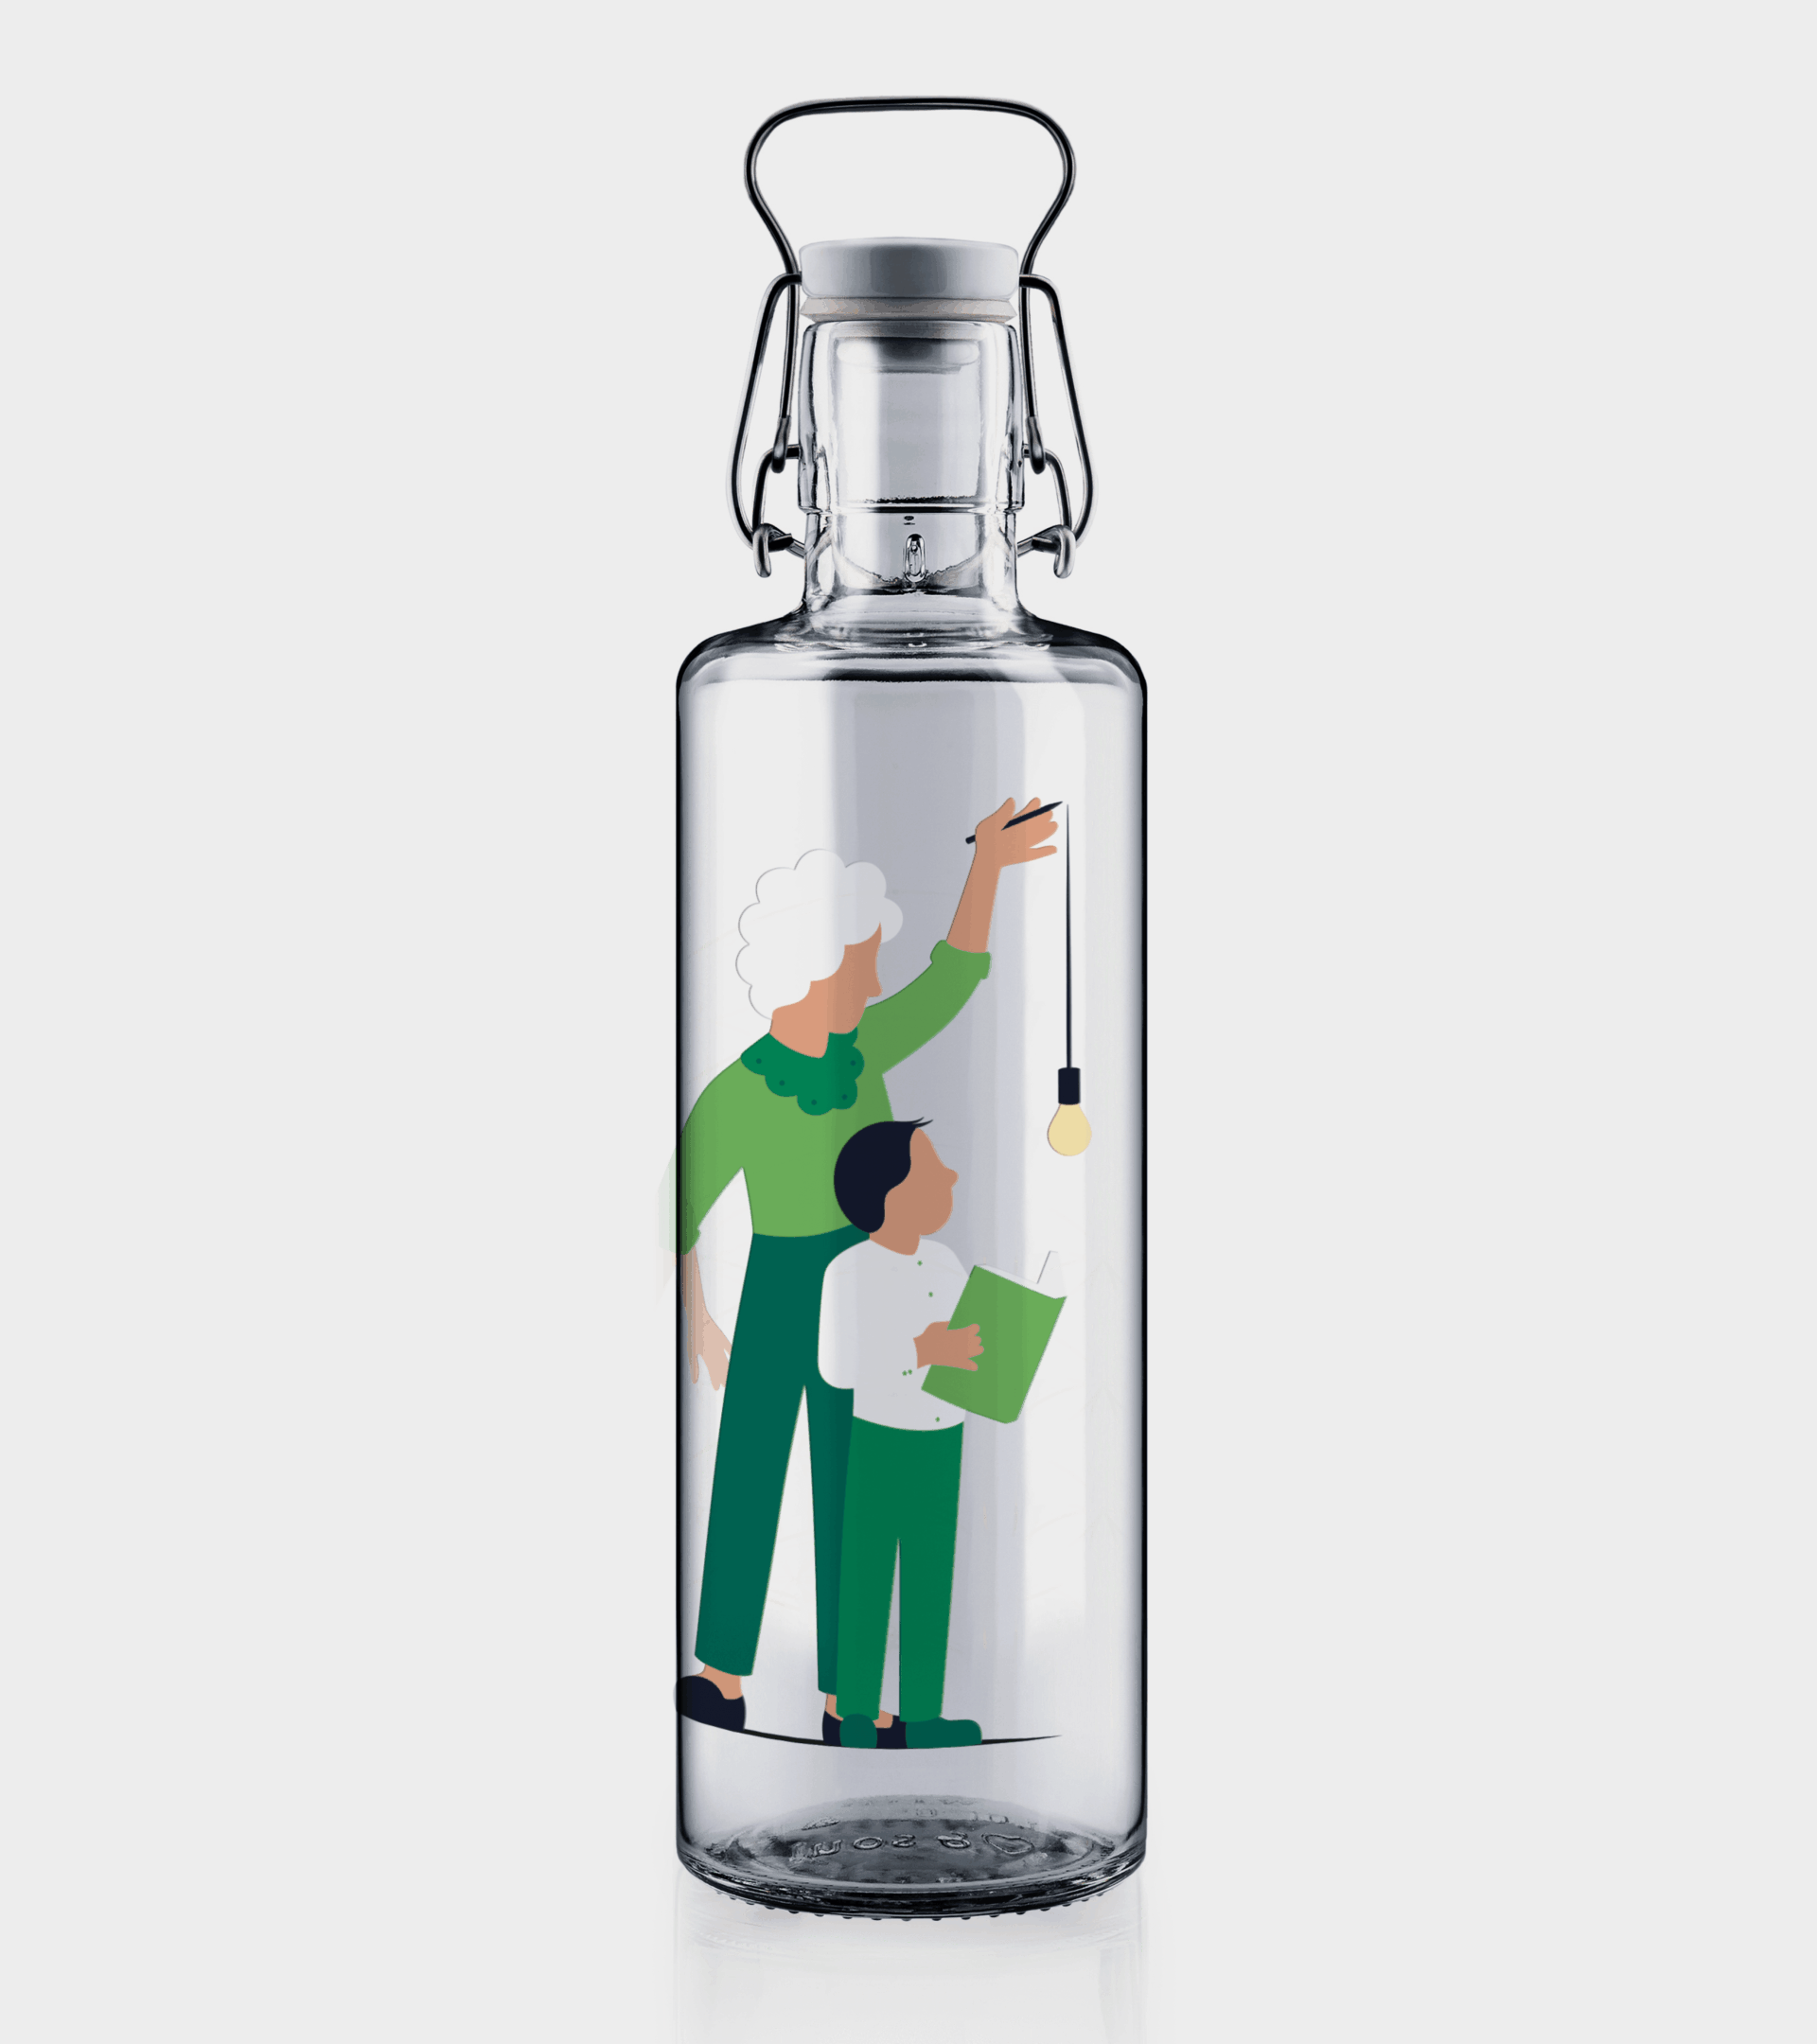 SOS-Kinderdorf Stiftung Trinkflasche